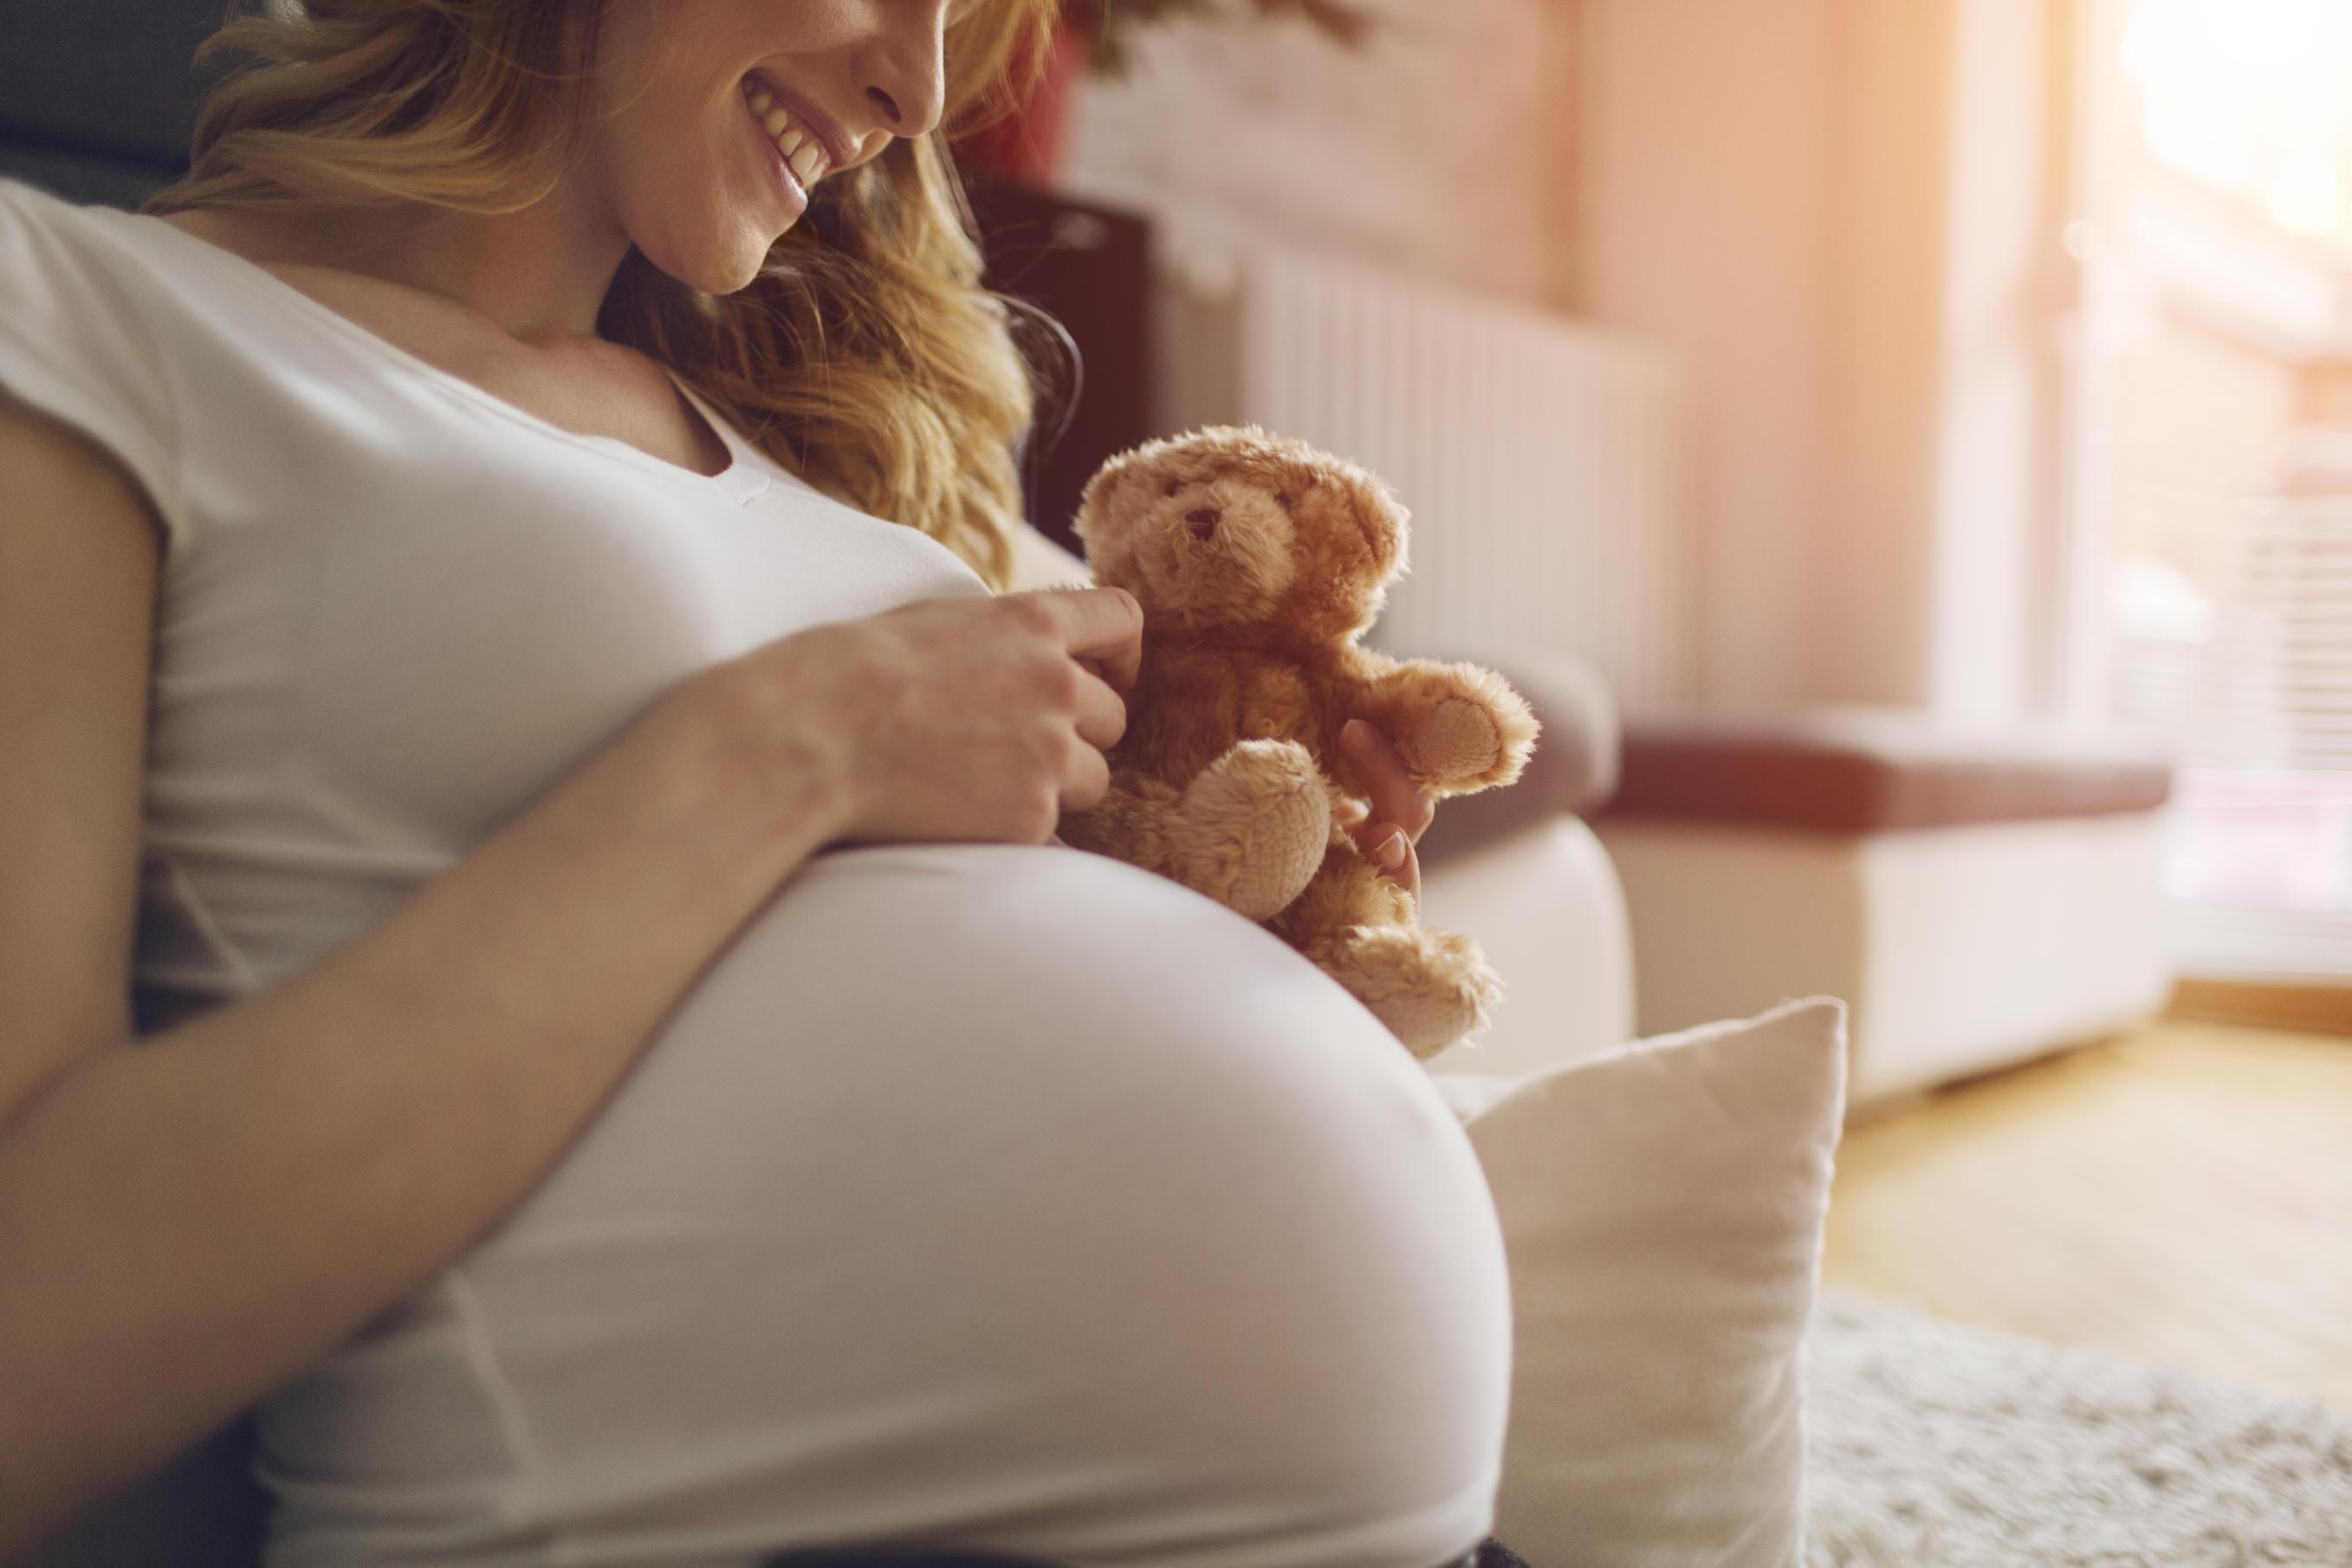 Comfort pregnancy